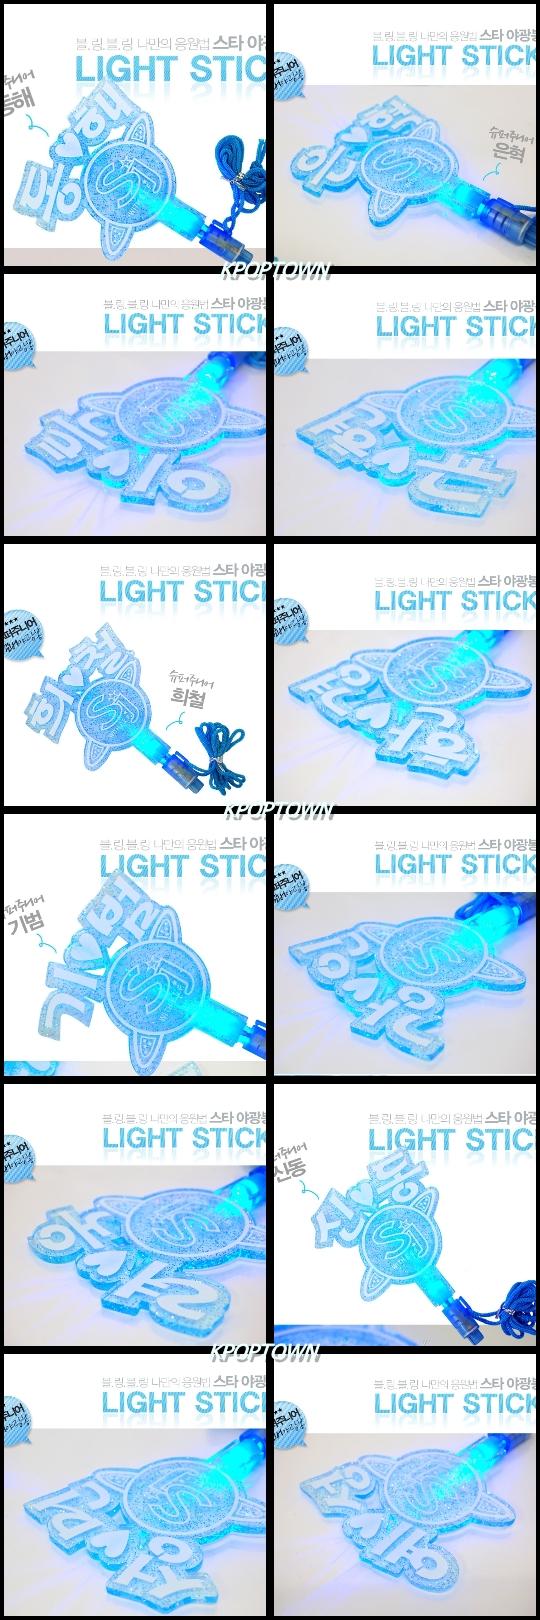 Superjunior Super Junior Concert Light Stick 12 Members Ver 2